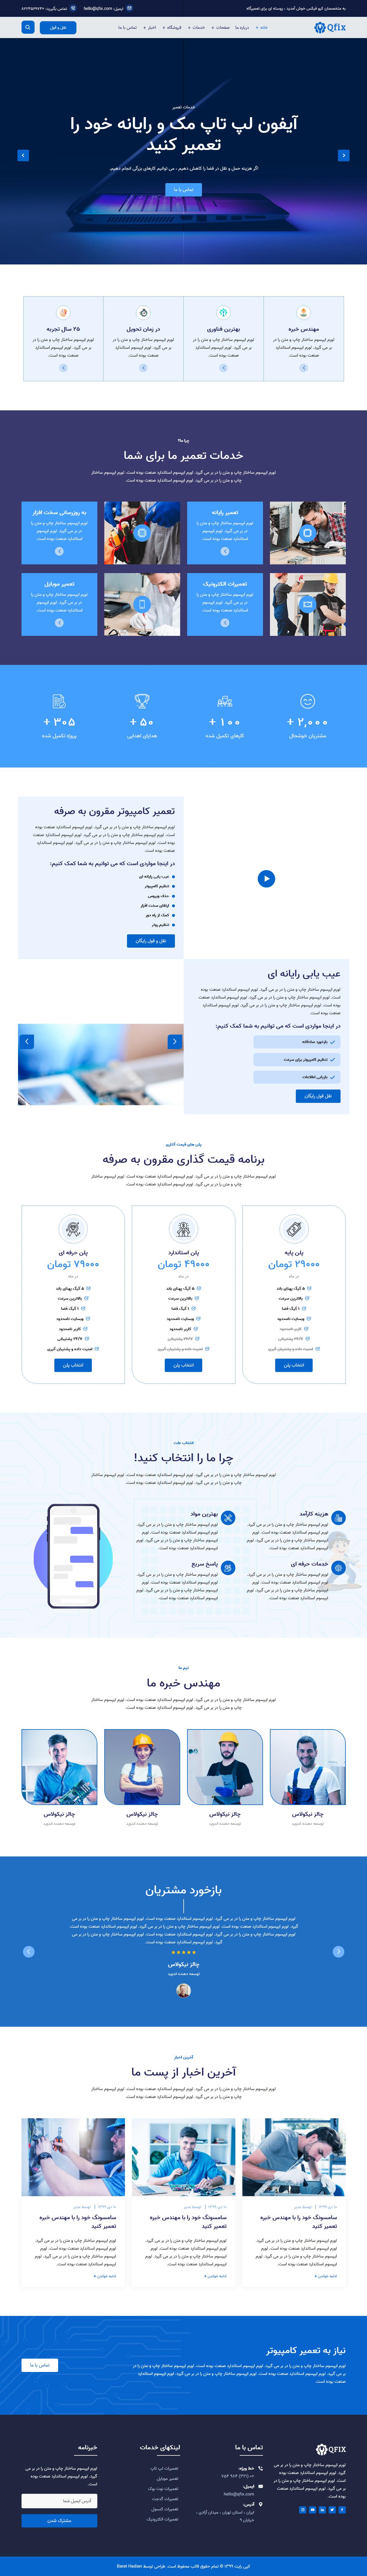 قالب HTML شرکتی خدمات تعمیرات الکترونیکی کیوفیکس